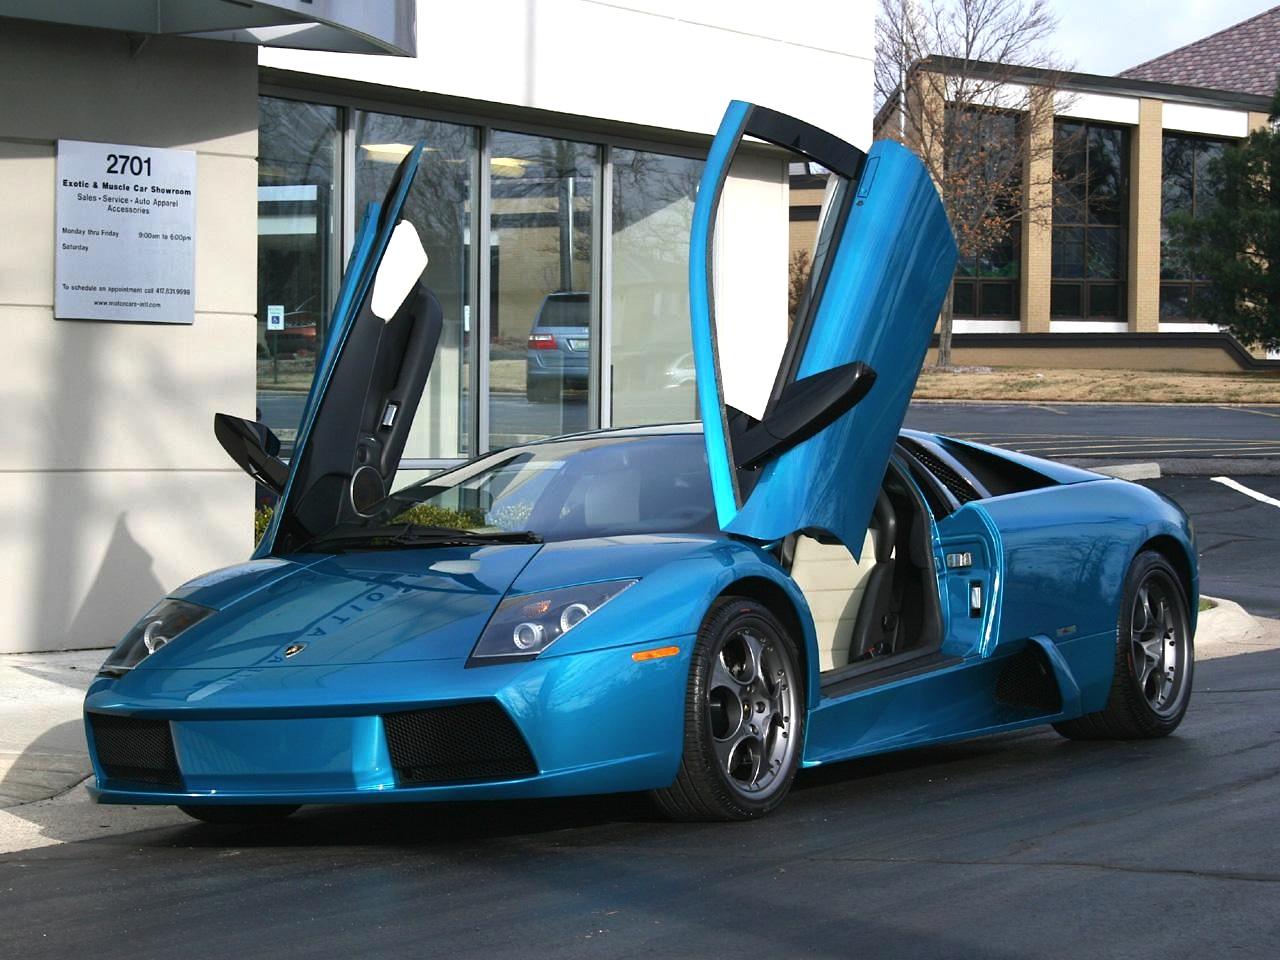 2003 Lamborghini Murcielago 40th Anniversary Edition Hd Pictures